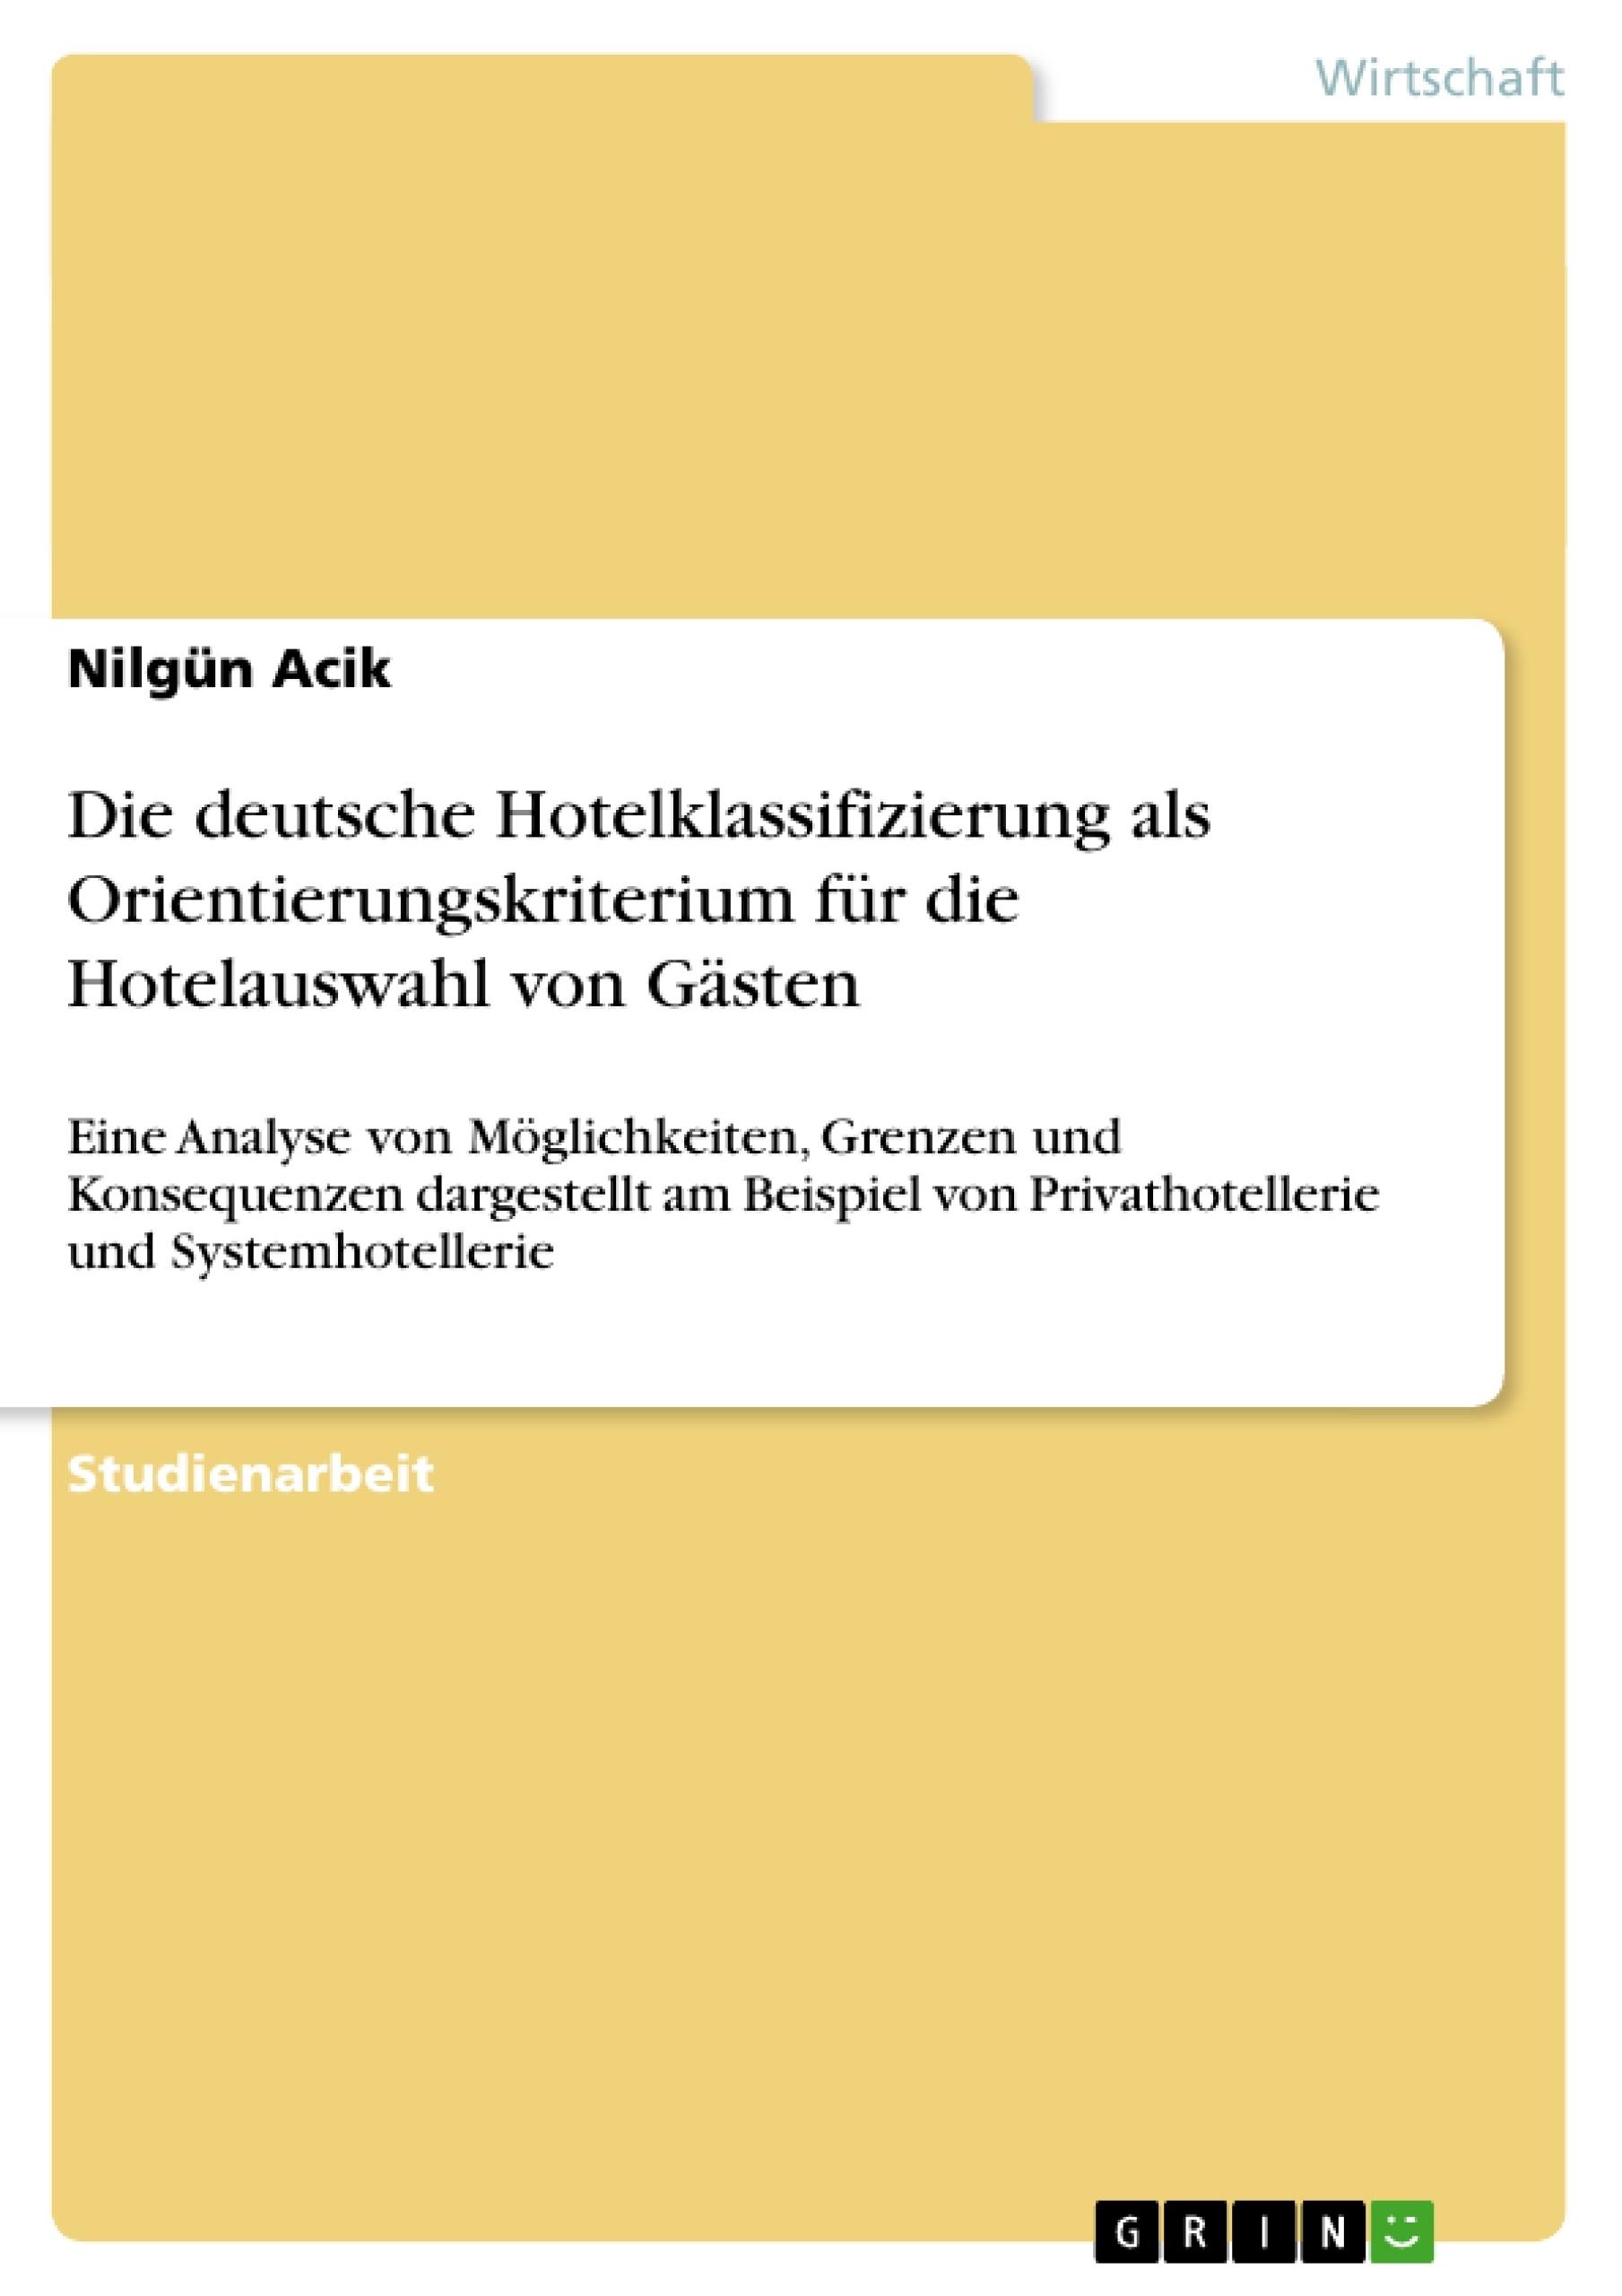 Titel: Die deutsche Hotelklassifizierung als Orientierungskriterium für die Hotelauswahl von Gästen